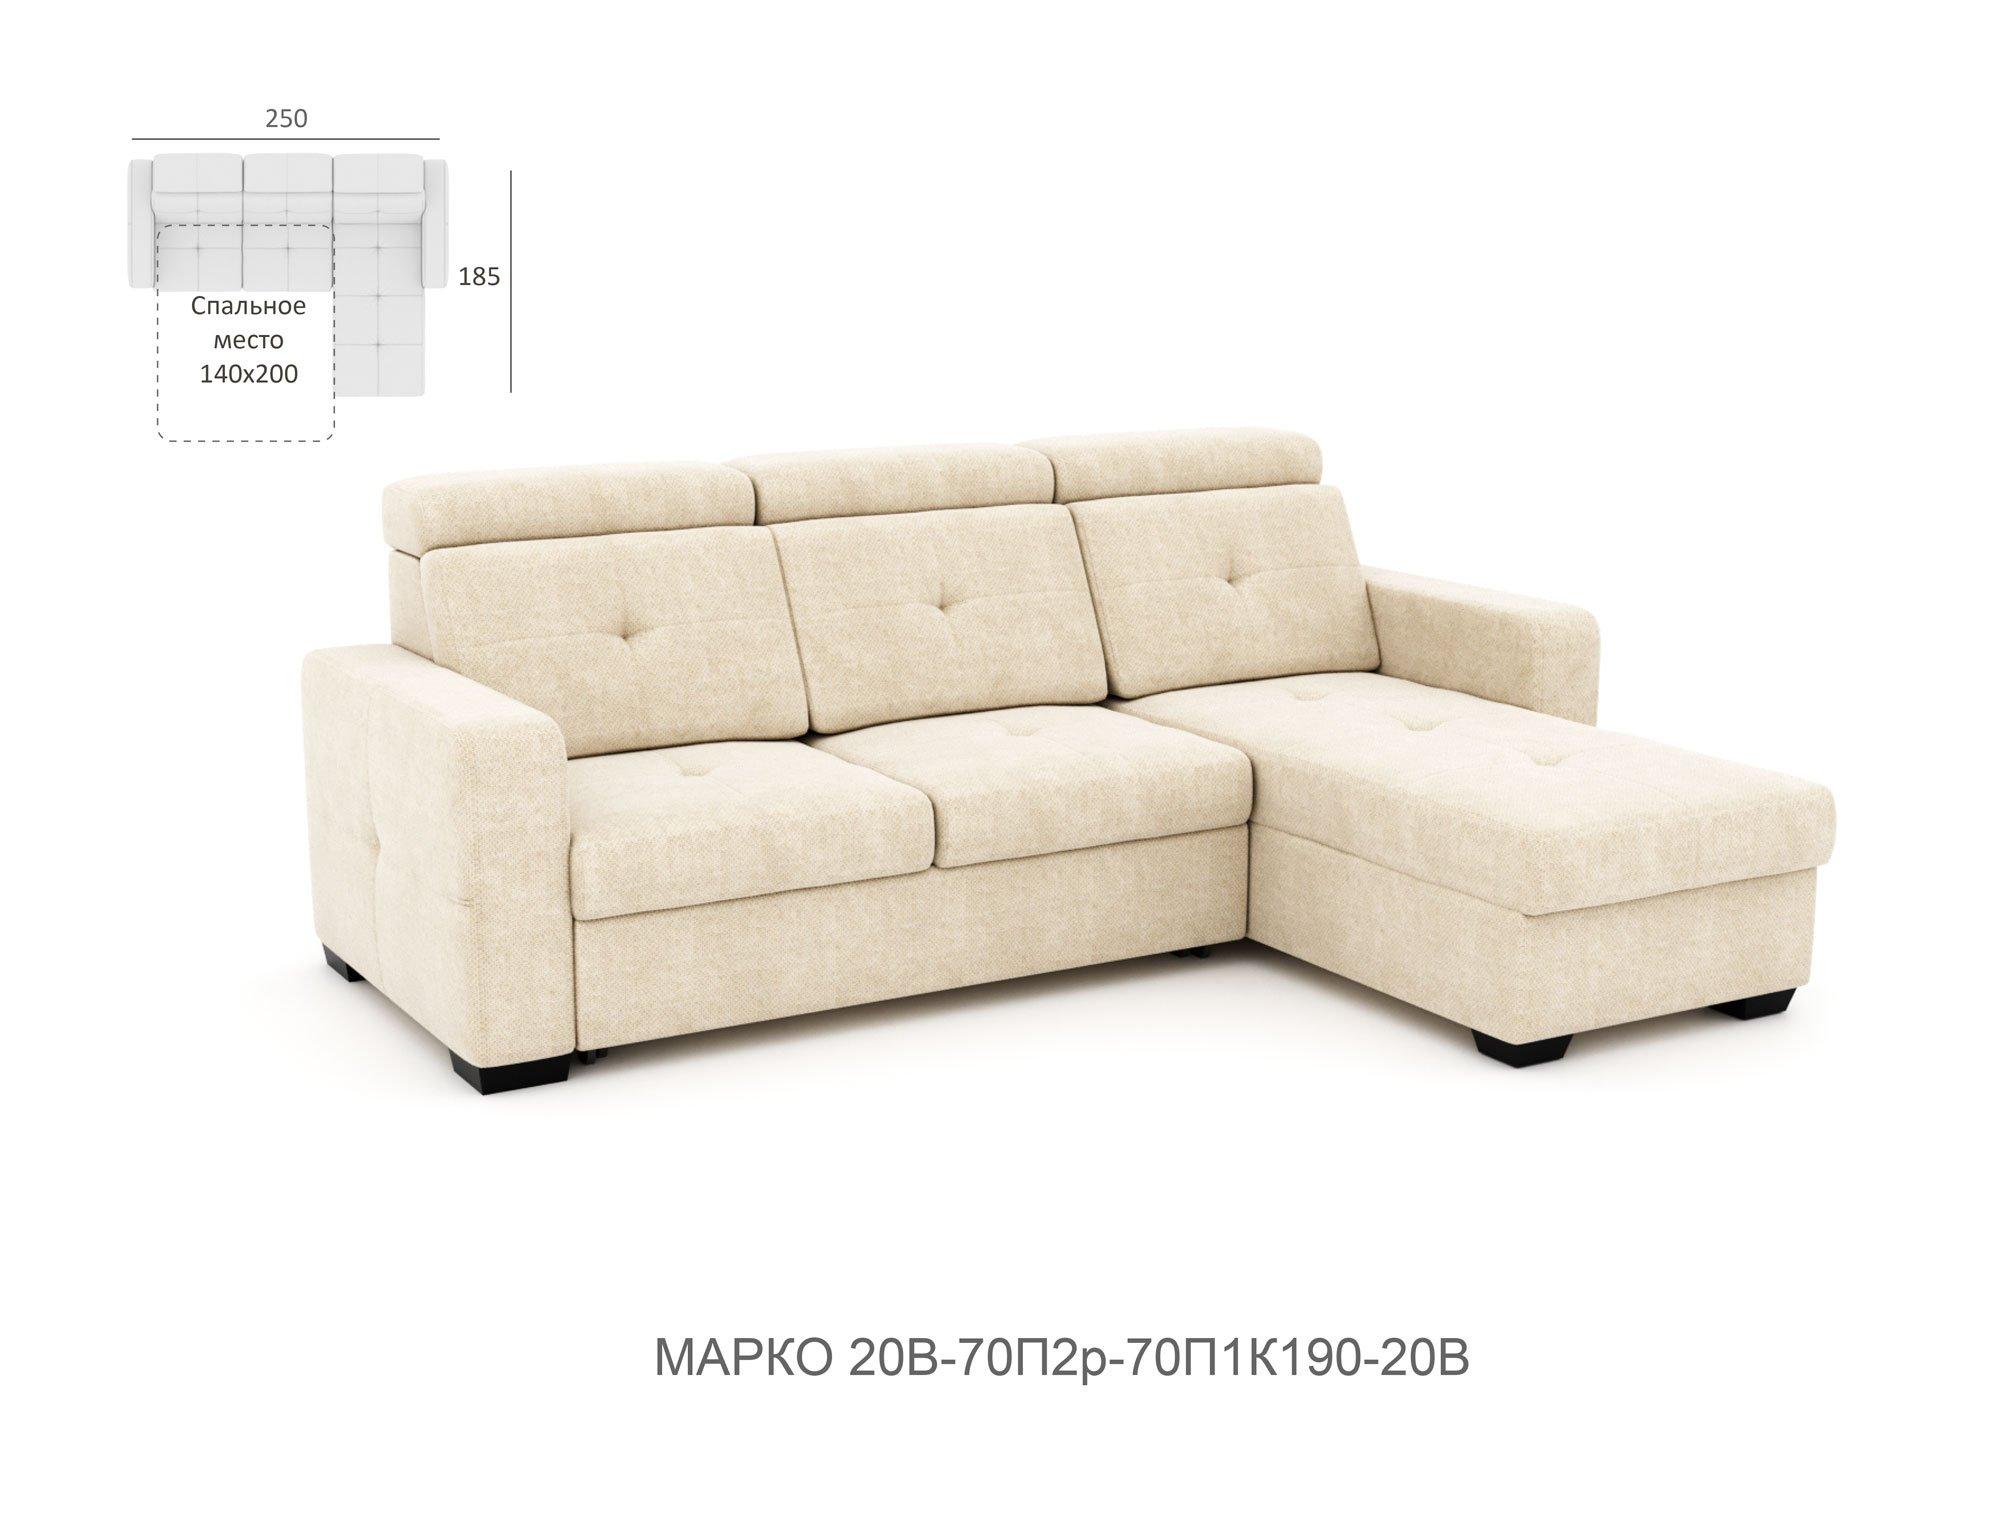 Марко 20В-70П2р-70П1К190-20В